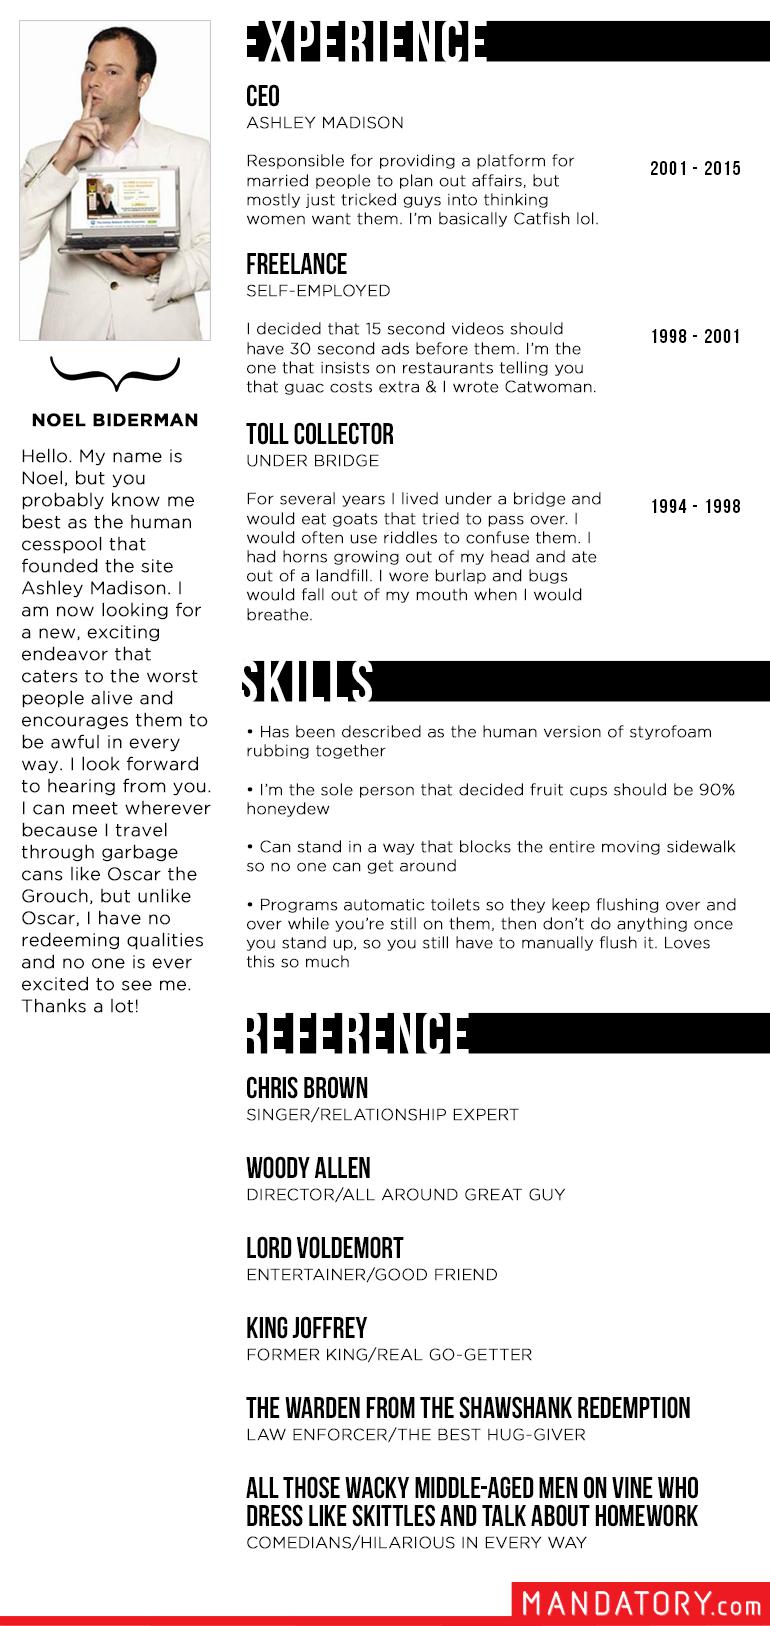 ashley madison ceo resume, funny ashley madison resume, updated ashley madison former ceo resume